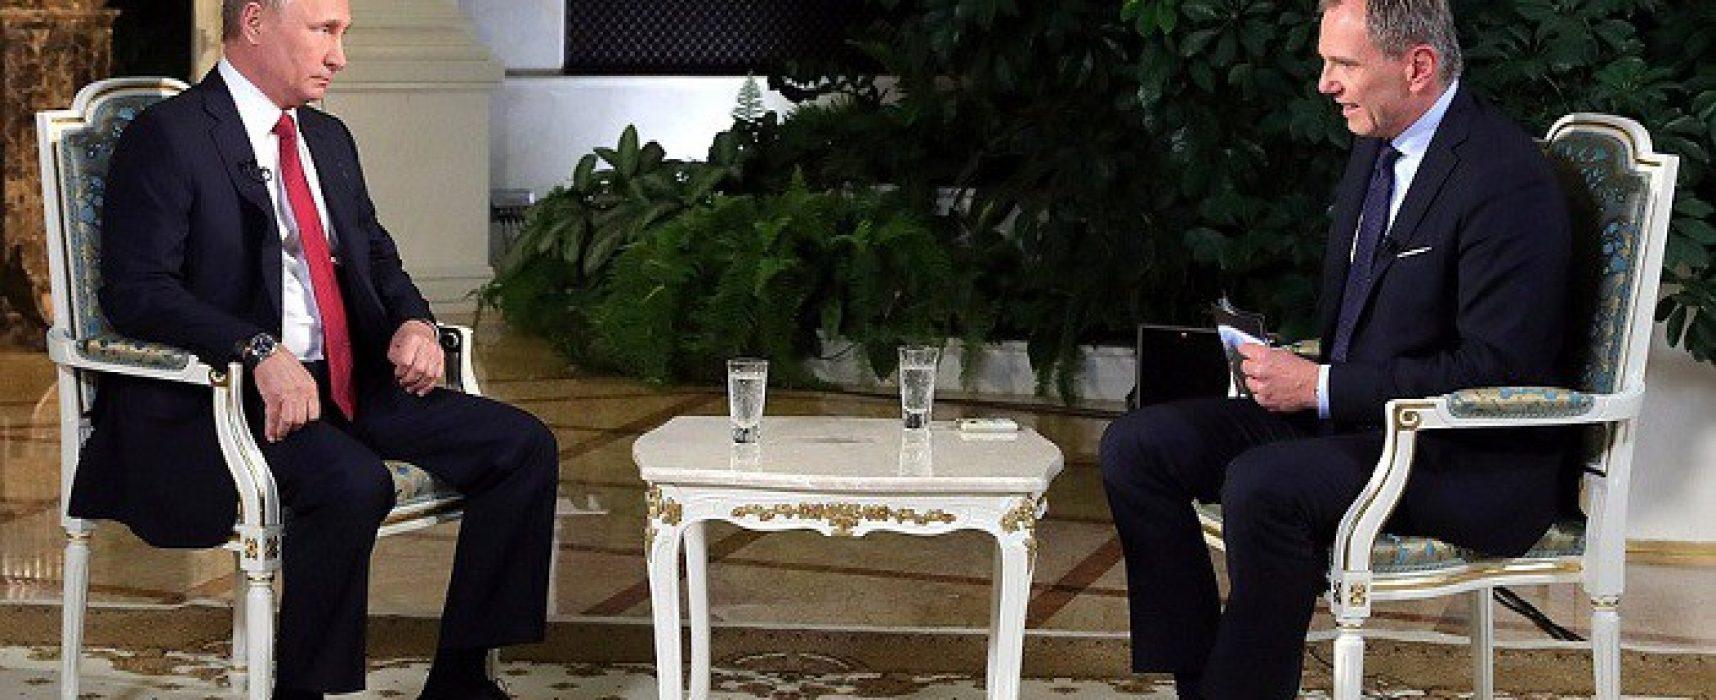 Putin dostal v rozhovoru s rakouským moderátorem zabrat